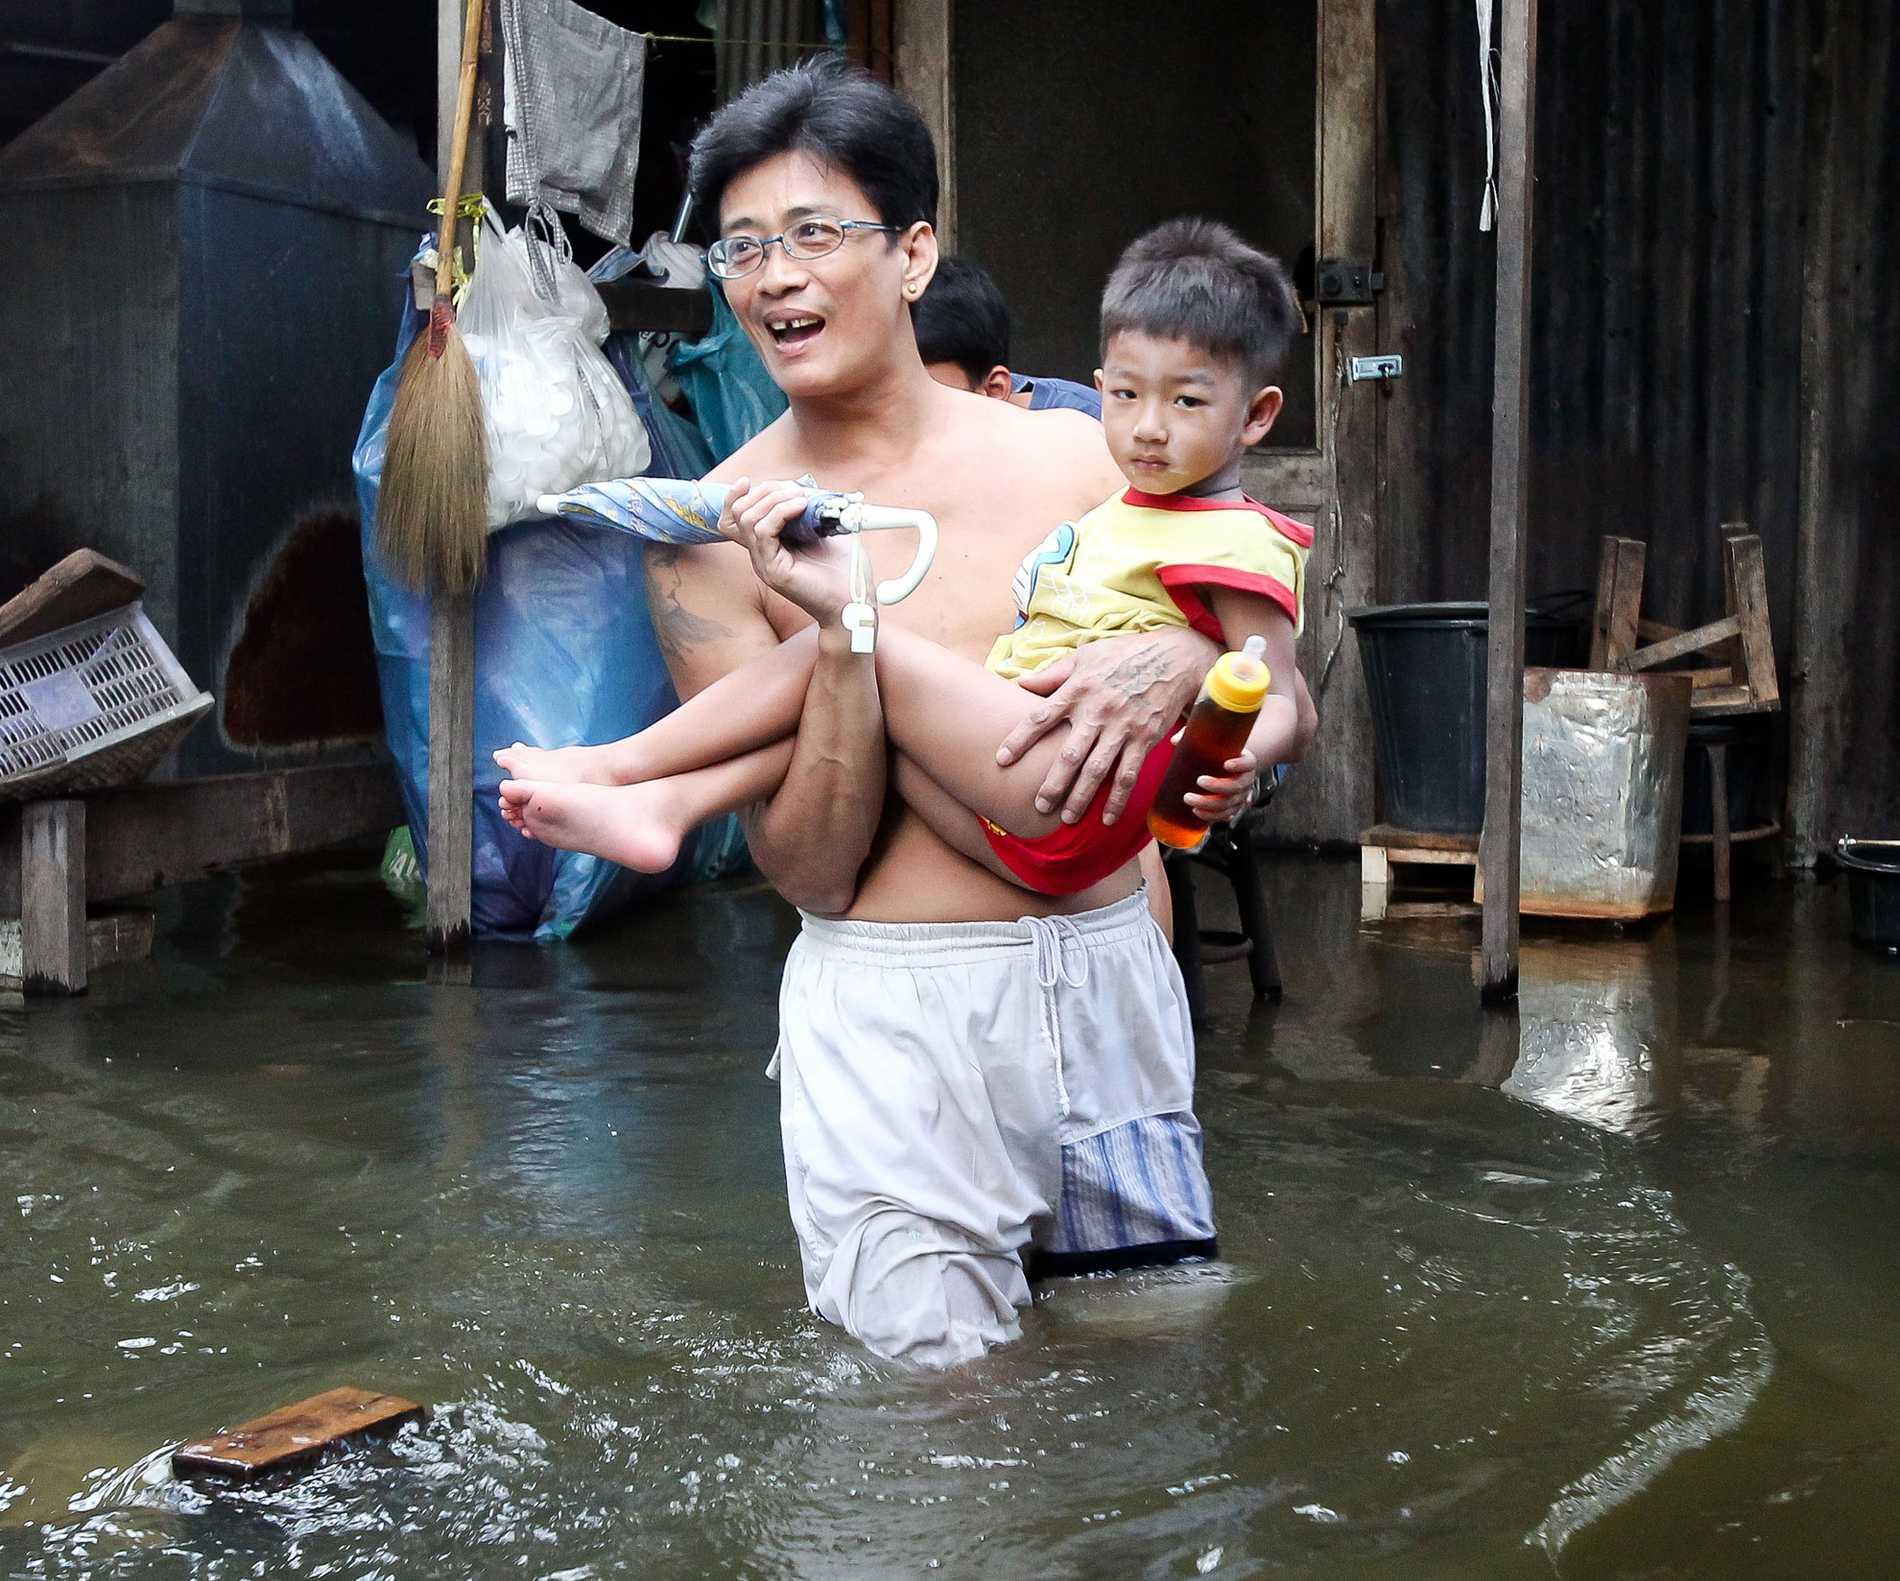 DRABBAS FÖRST. Far och son kämpar sig genom vattenmassorna i Bangkok i Thailand. Landet drabbades hårt av det kraftiga sommarregnet i slutet av förra året. Asien och Stillahavsområdet påverkas mest av klimatförändringarna.Foto: Dennis THERN